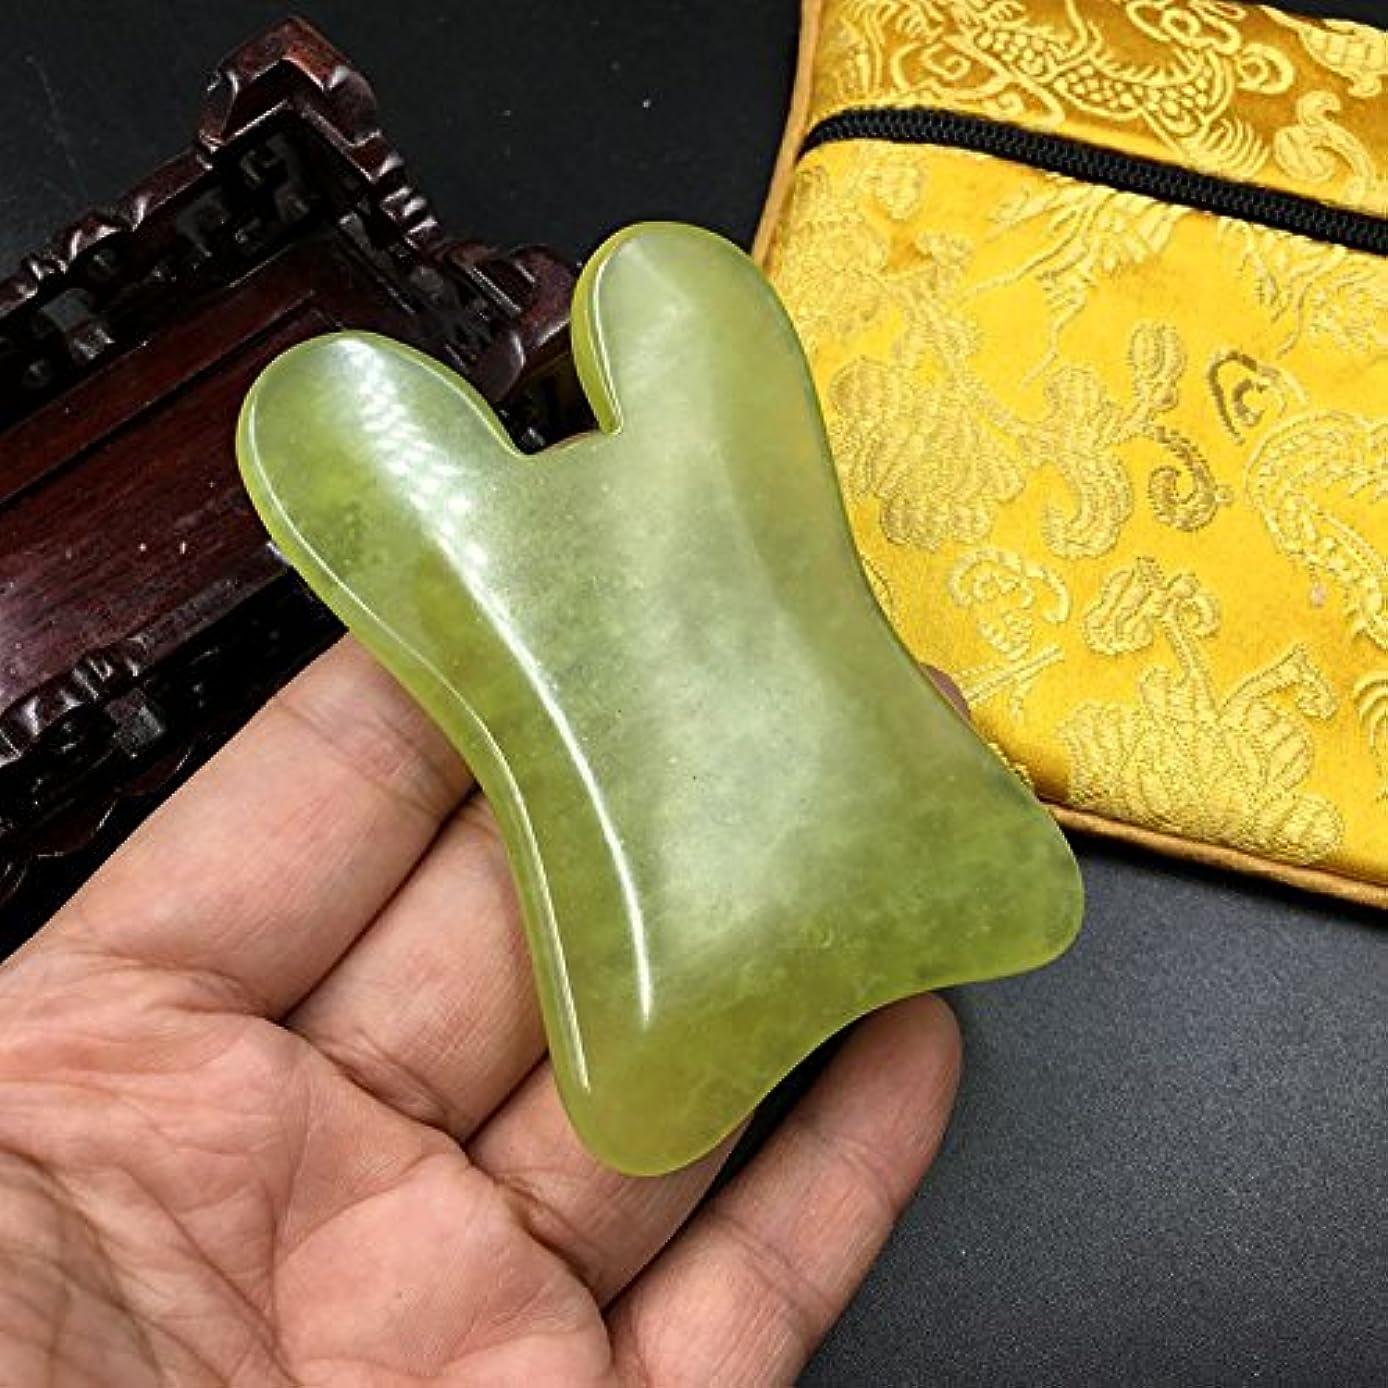 上院郵便番号決めます1点1pcFace / Body Massage Natural Jade Gua Sha Board U 形 shape かっさプレート 天然石 翡翠(顔?ボディのリンパマッサージ)